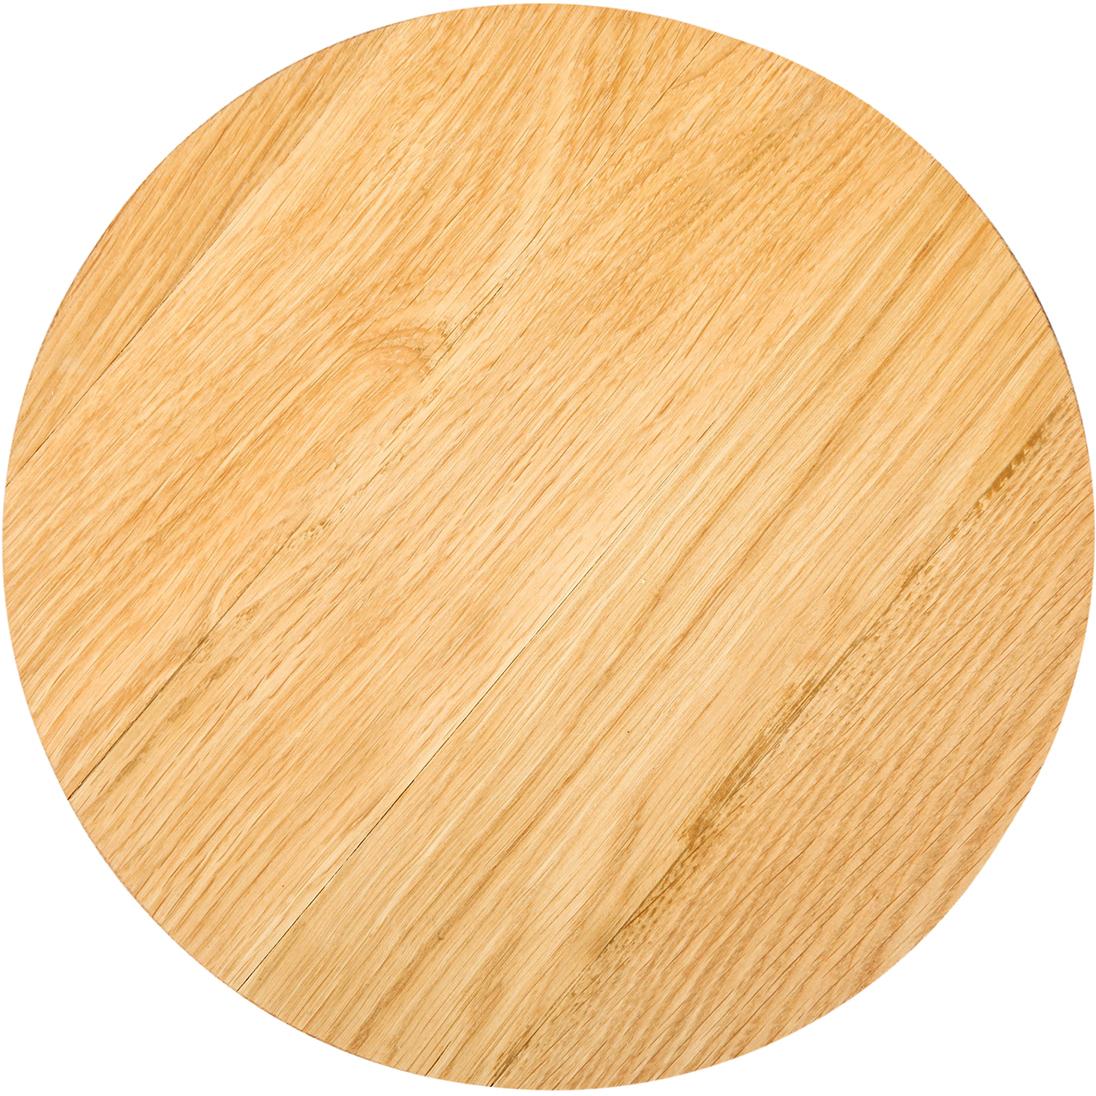 """Разделочная доска - один из основных атрибутов кухонной утвари. Доска разделочная """"Доброе дерево"""" выполнена из дерева. Легко моется. Не впитывает запахи. Такая доска понравится любой хозяйке и будет отличным помощником на кухне."""